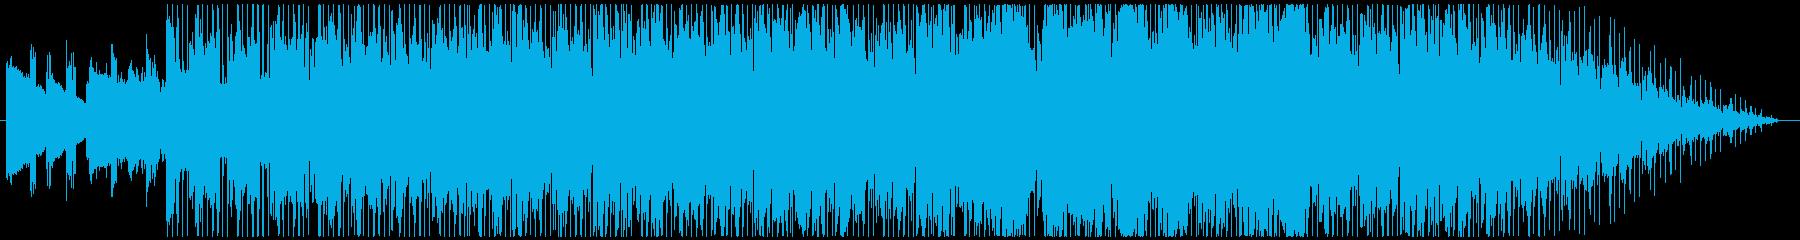 ノスタルジーなイージーリスニングの再生済みの波形